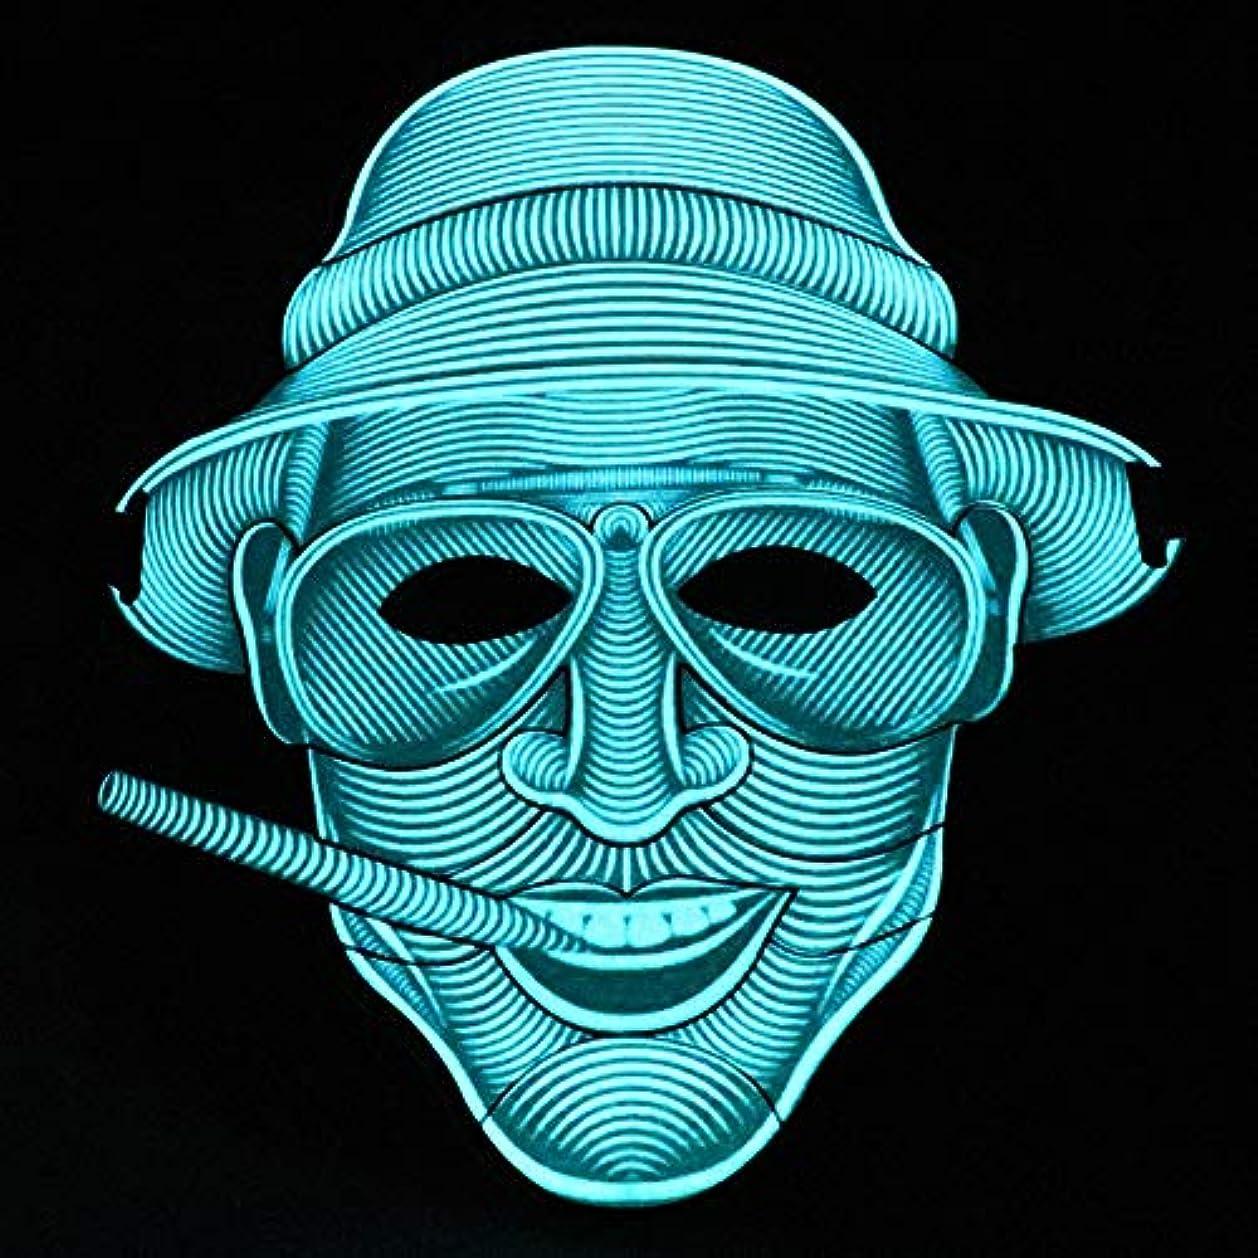 困惑上がる結紮照らされたマスクLED創造的な冷光音響制御マスクハロウィンバーフェスティバルダンスマスク (Color : #10)